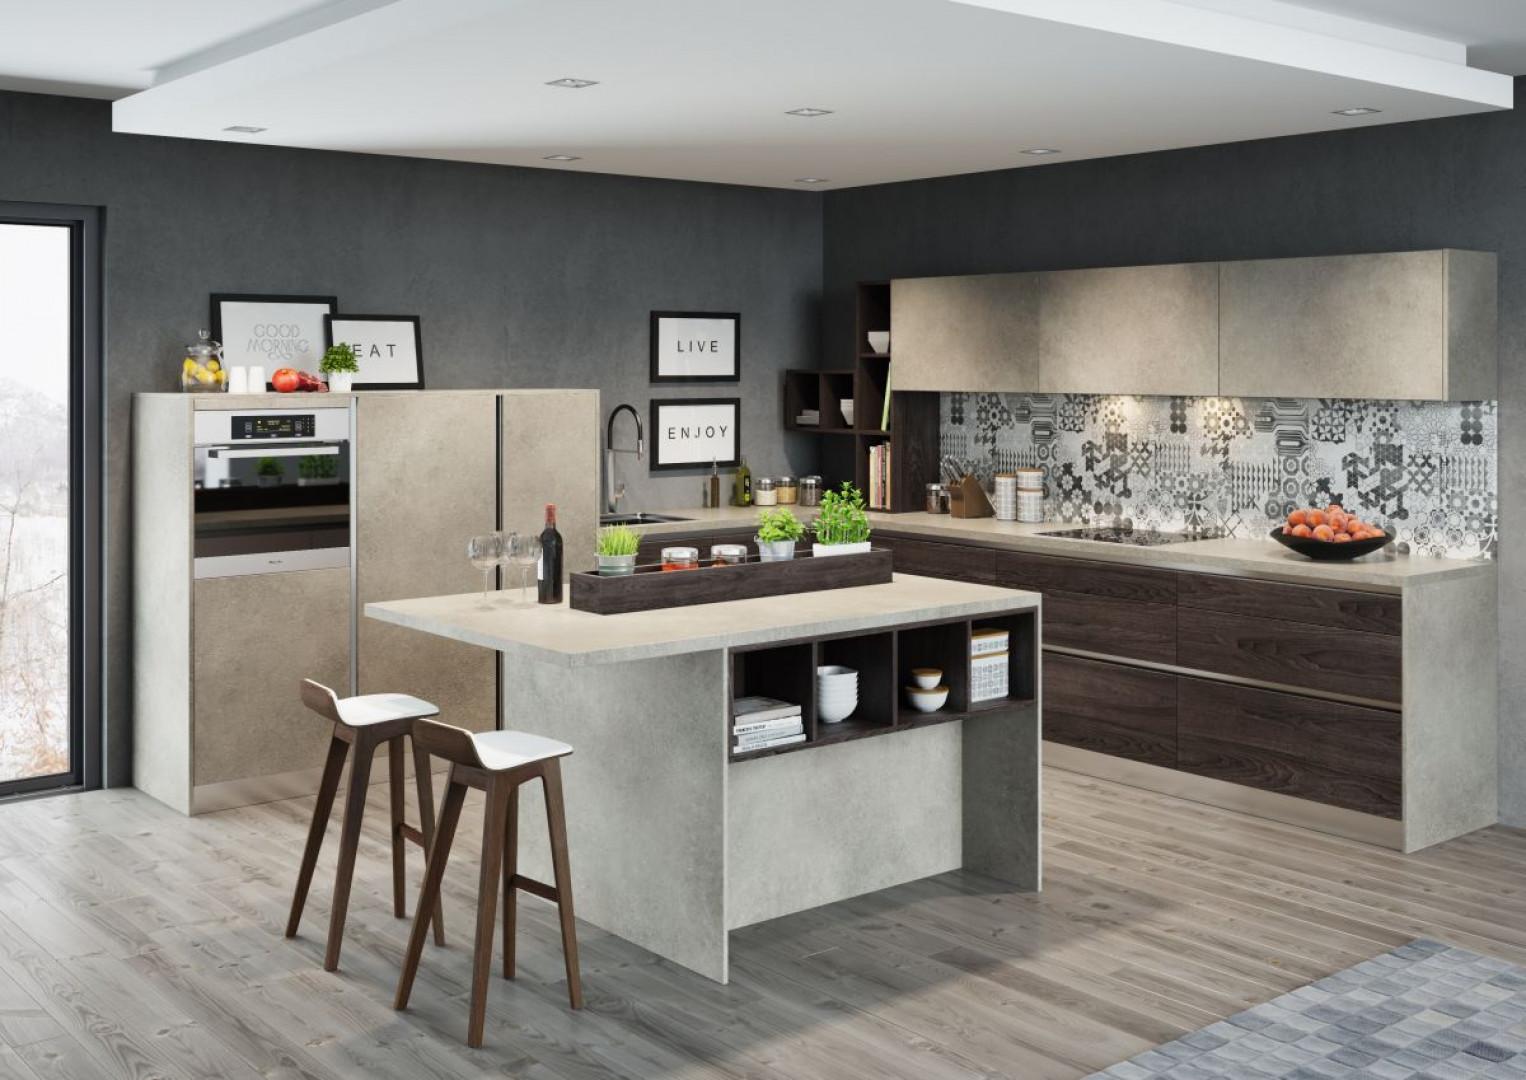 """Marmur jest bardzo popularny w aranżacjach kuchennych. W subtelnej szarej tonacji """"uspokoi"""" wnętrze, a dzięki połączeniu z wyrazistym dekorem drewna dodatkowo je ociepli. Fot. Kam"""